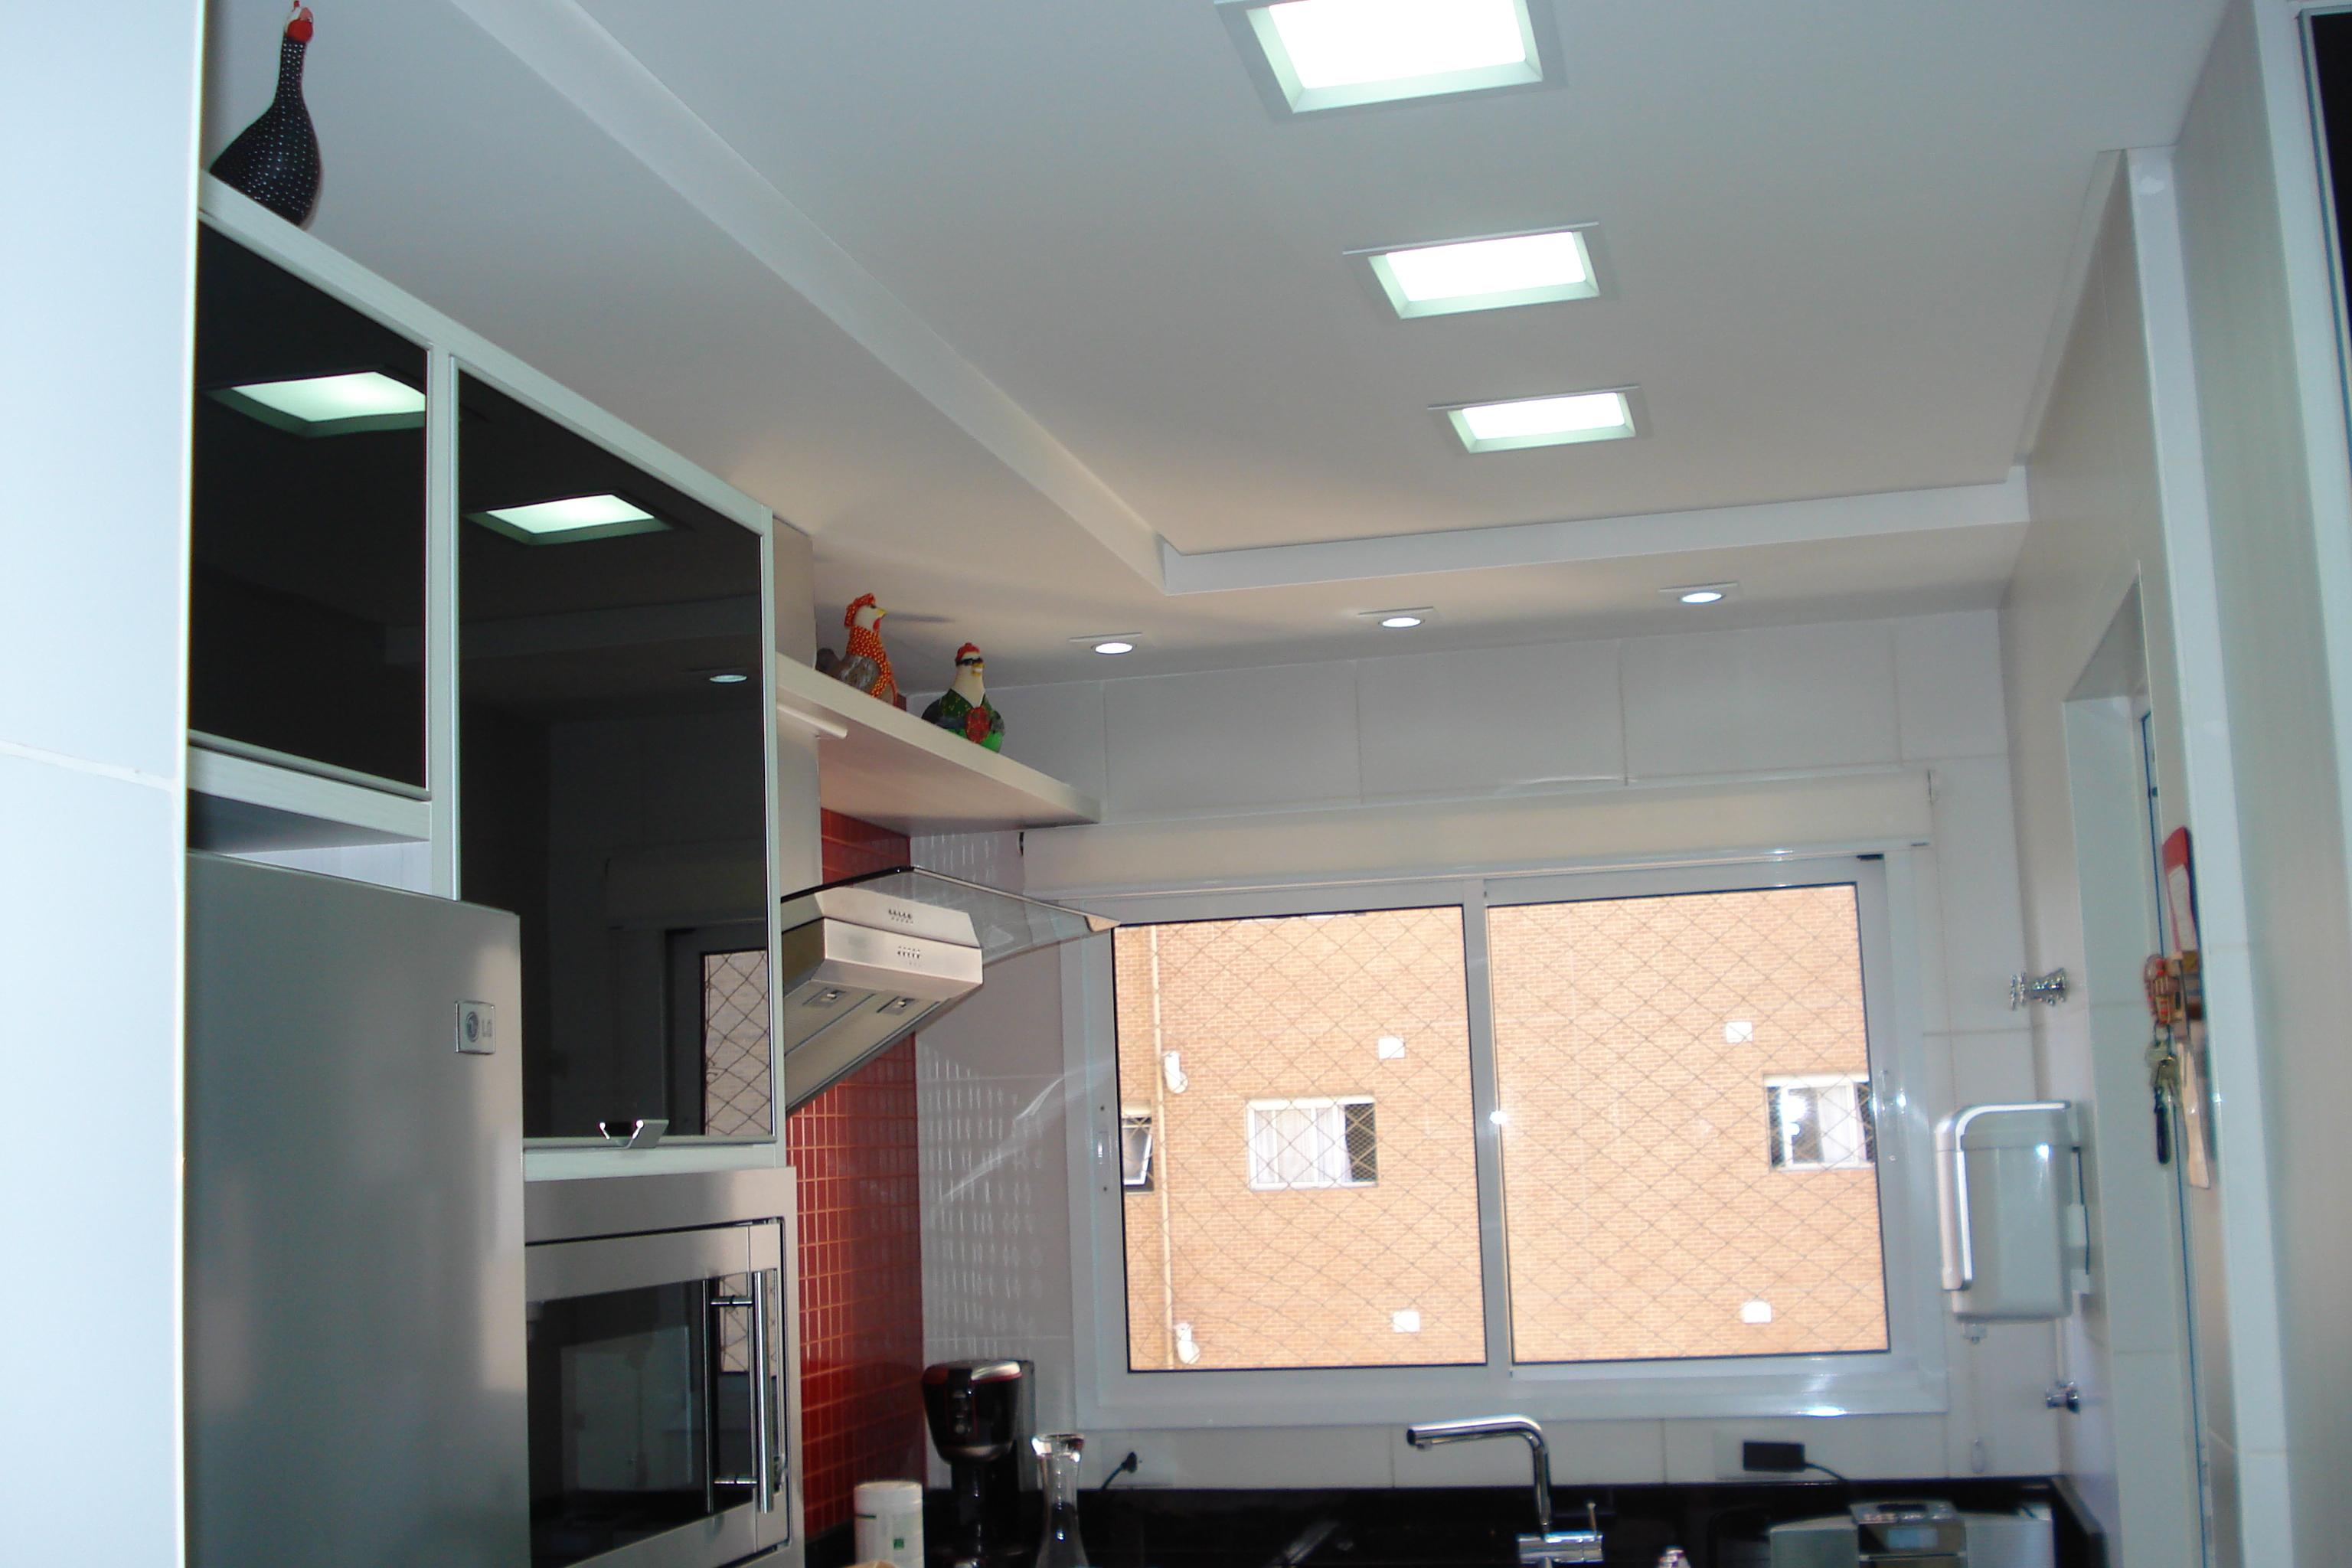 04 - Forro Tabicado + Iluminação